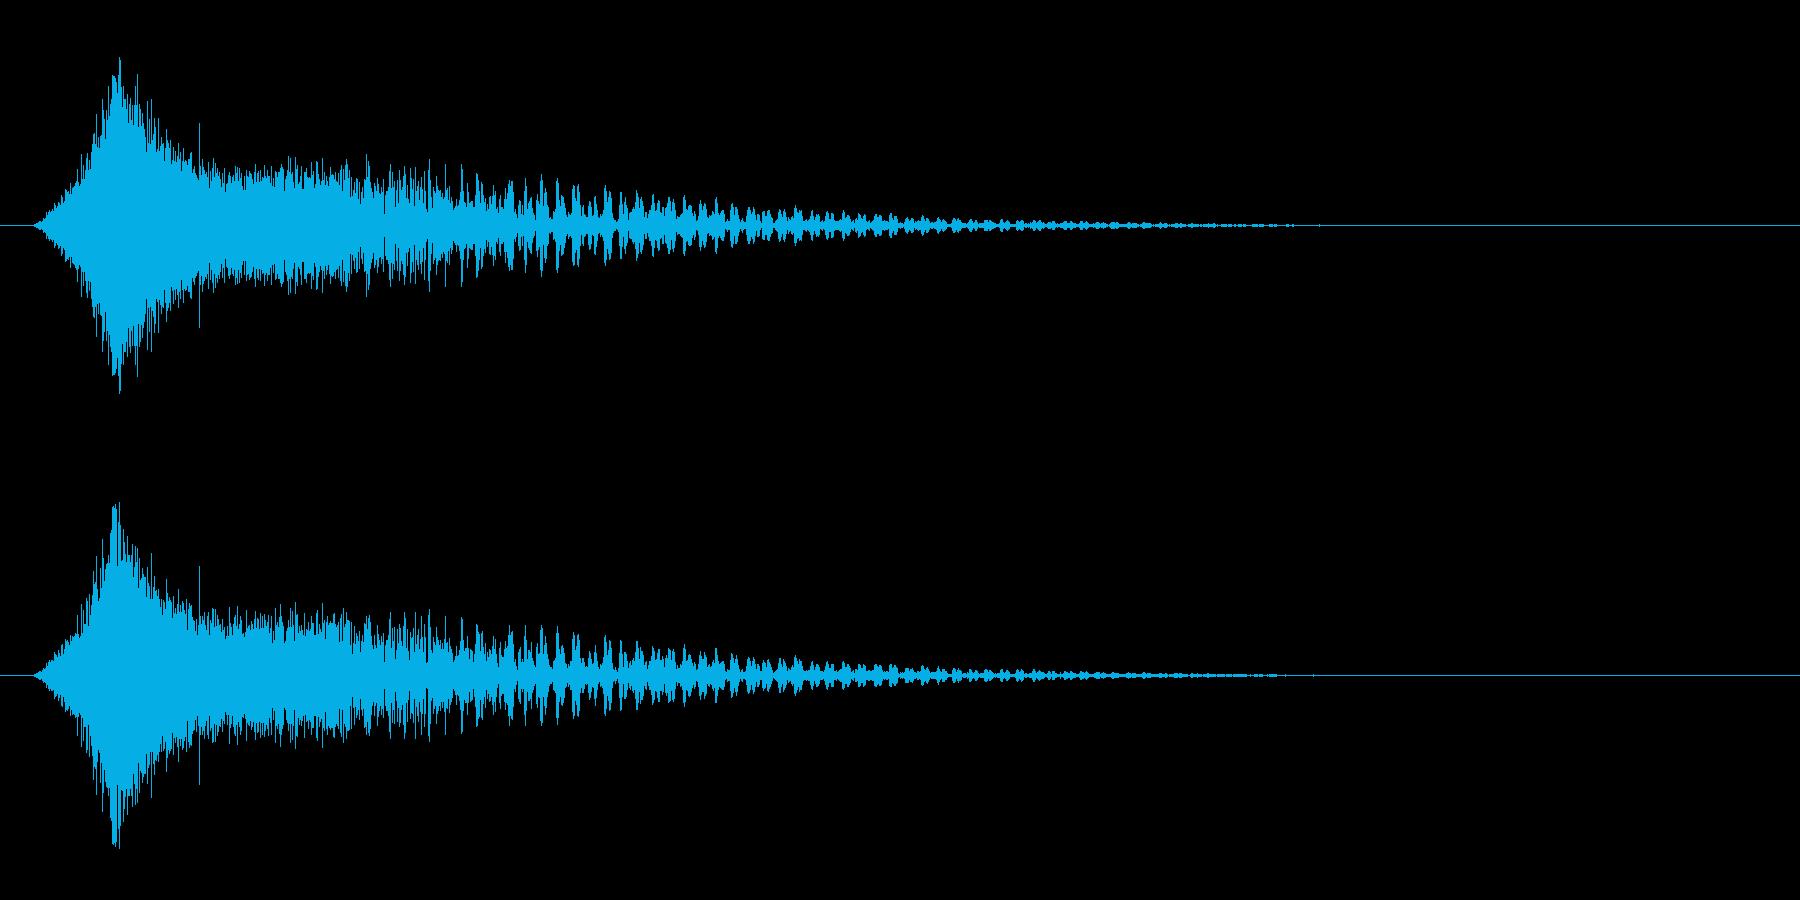 シューン!(カットイン/敵消滅/ワープ)の再生済みの波形